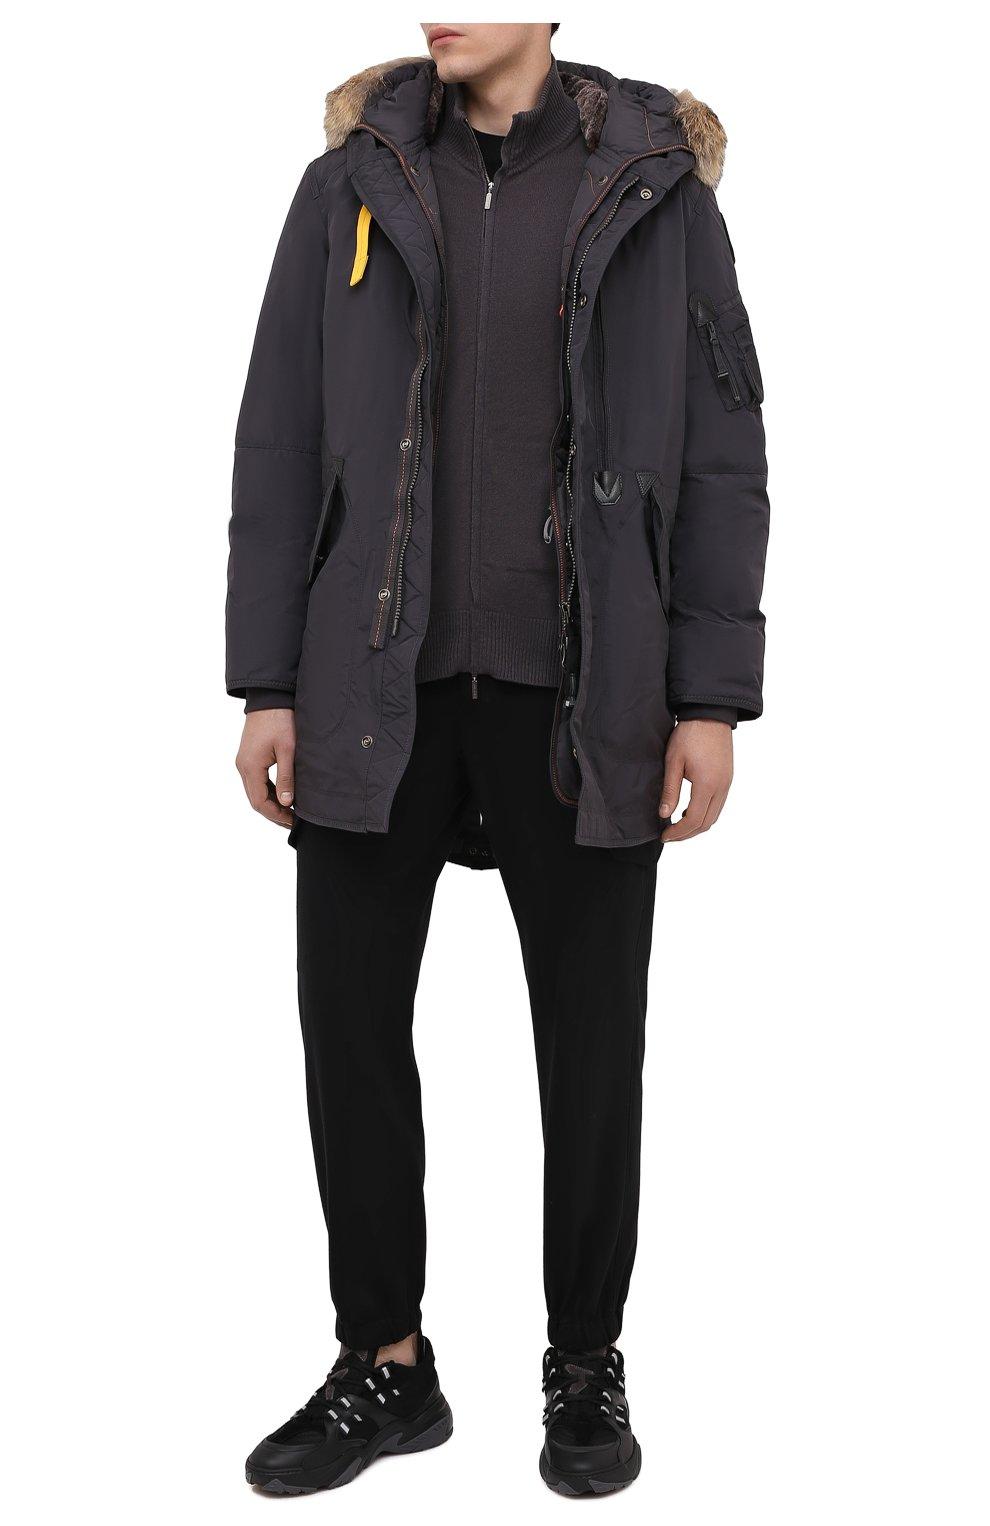 Мужская пуховая парка tank с меховой отделкой PARAJUMPERS темно-серого цвета, арт. MA07/TANK   Фото 3 (Кросс-КТ: Куртка, Пуховик; Мужское Кросс-КТ: пуховик-короткий, Пуховик-верхняя одежда, Верхняя одежда; Рукава: Длинные; Длина (верхняя одежда): До середины бедра; Материал внешний: Синтетический материал; Стили: Спорт-шик; Материал подклада: Синтетический материал; Материал утеплителя: Пух и перо)